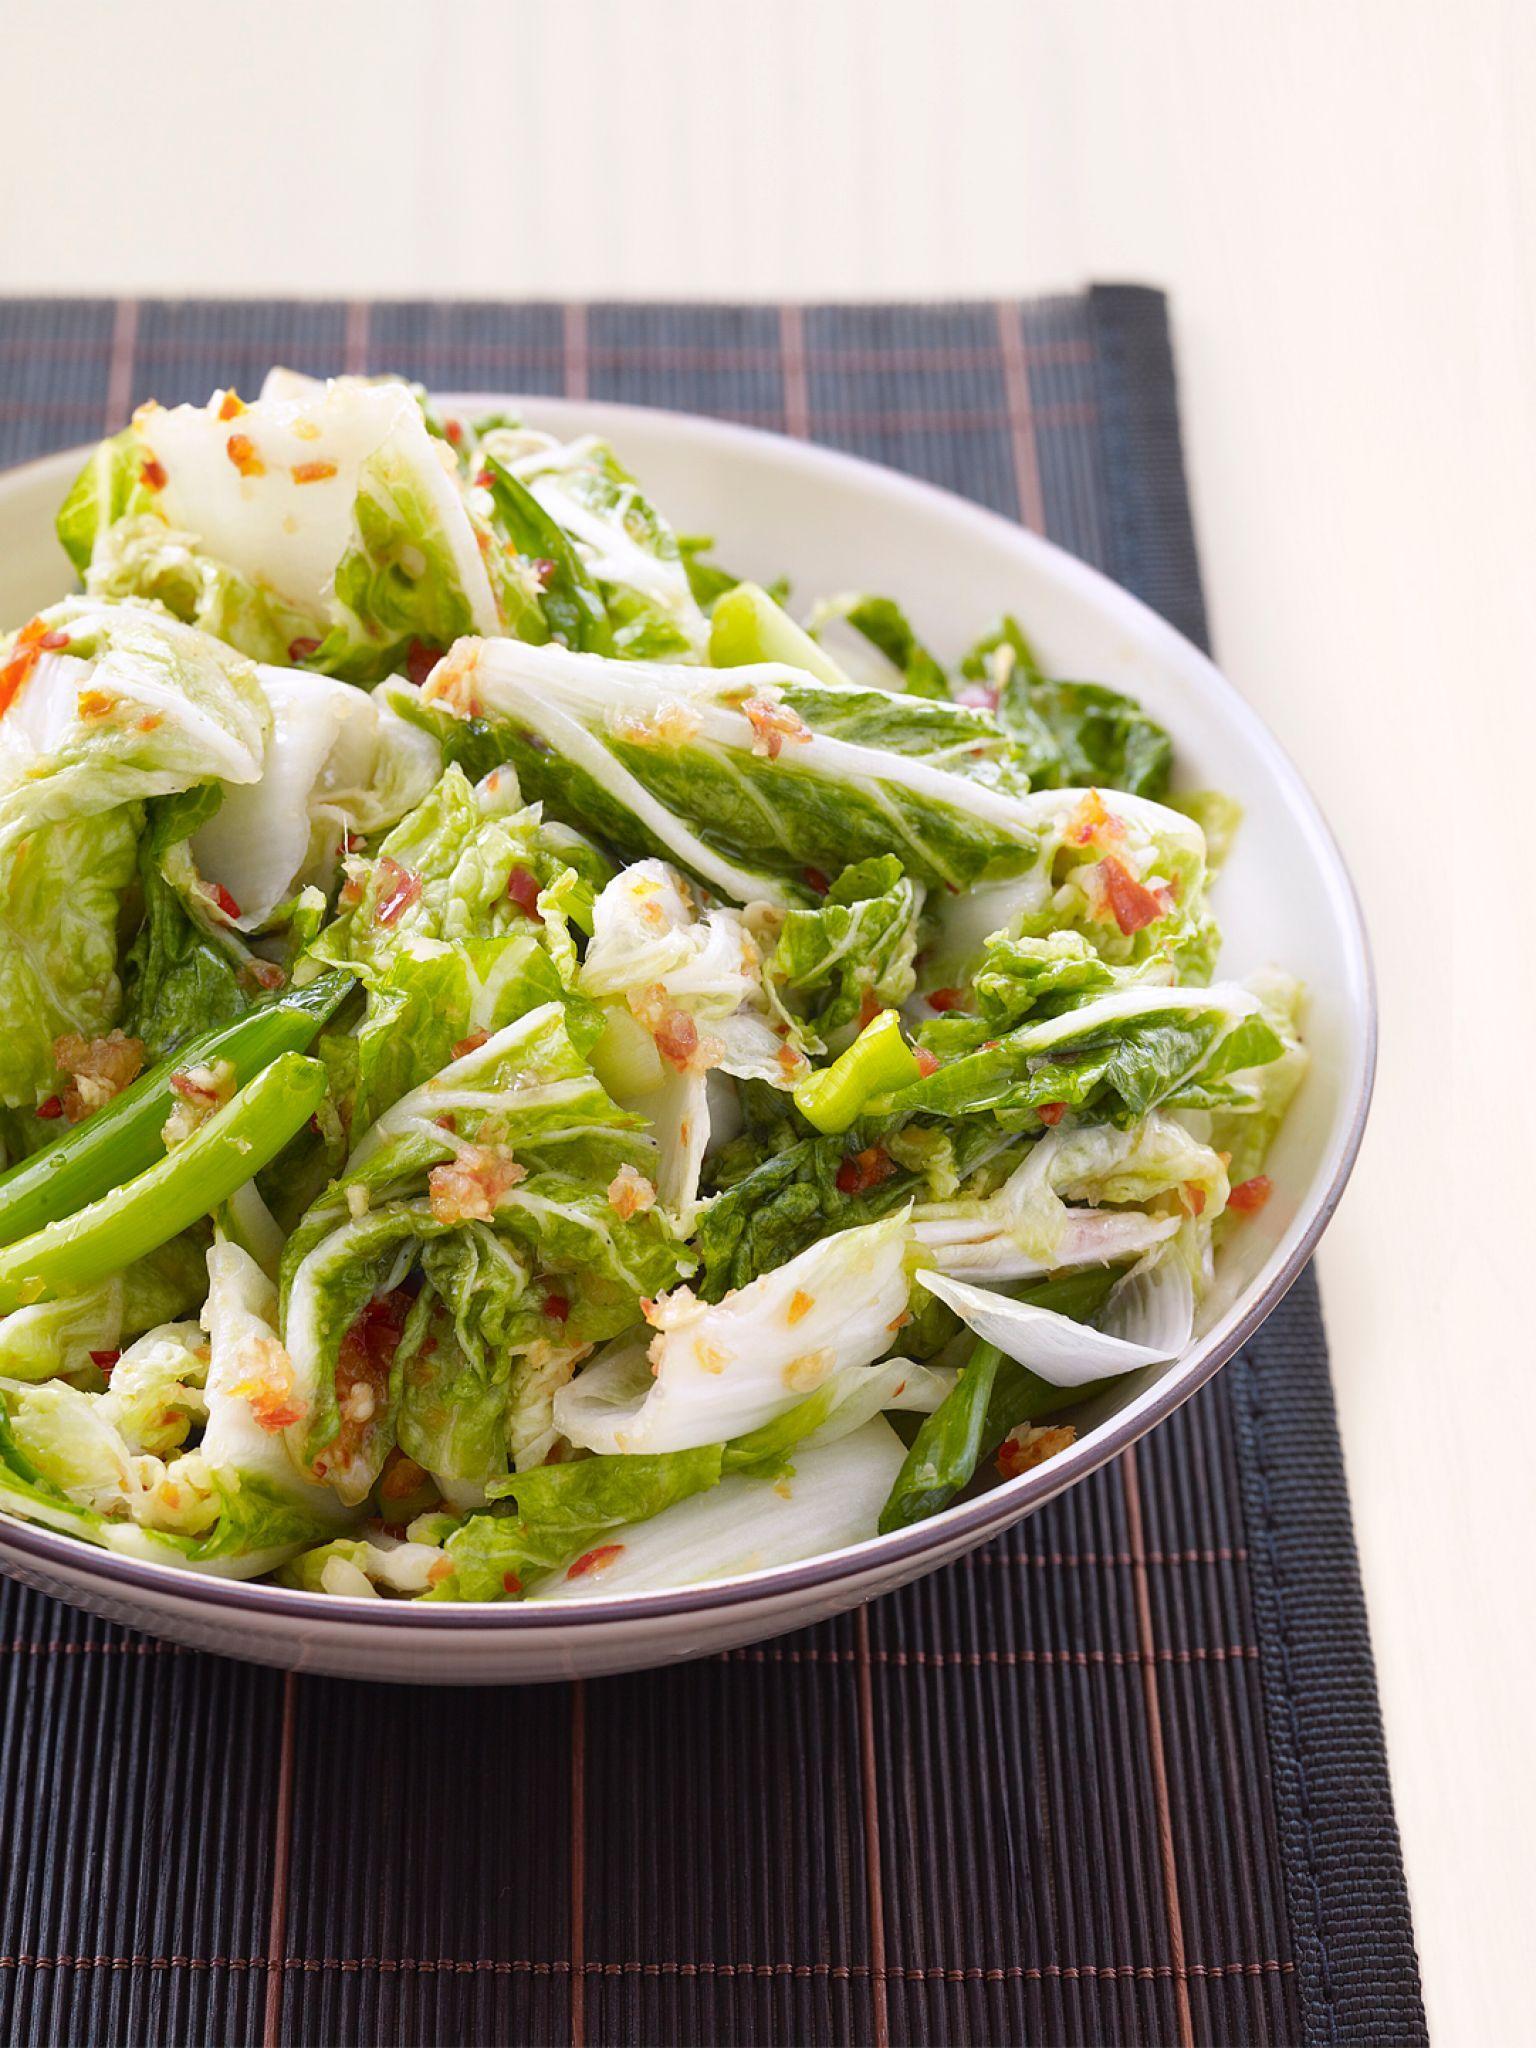 Kimchi food network recipes kimchi recipe recipes